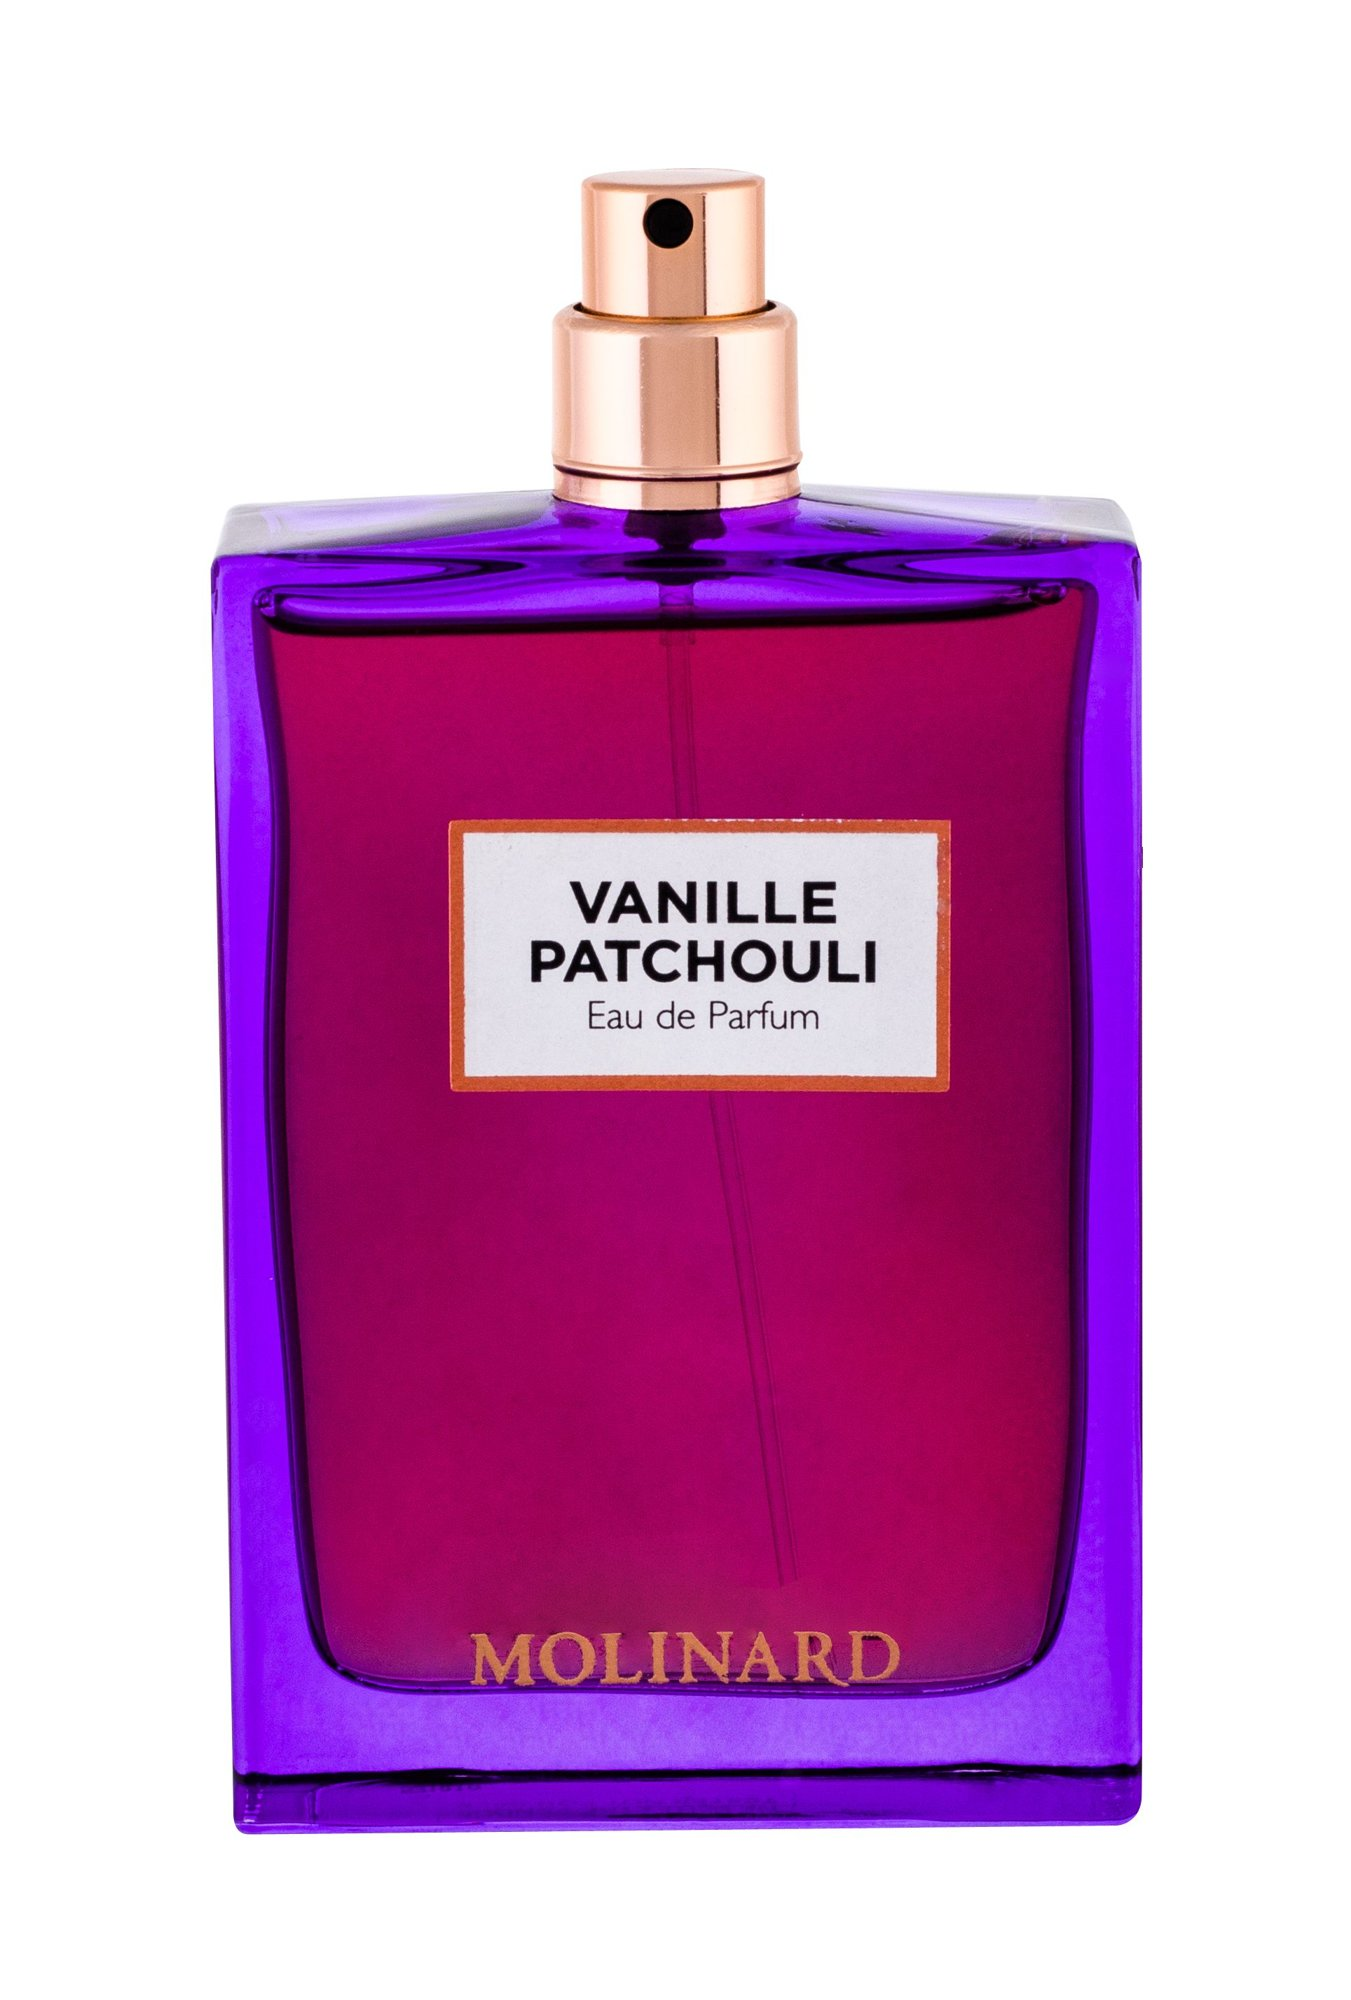 Molinard Les Elements Collection Eau de Parfum 75ml  Vanille Patchouli